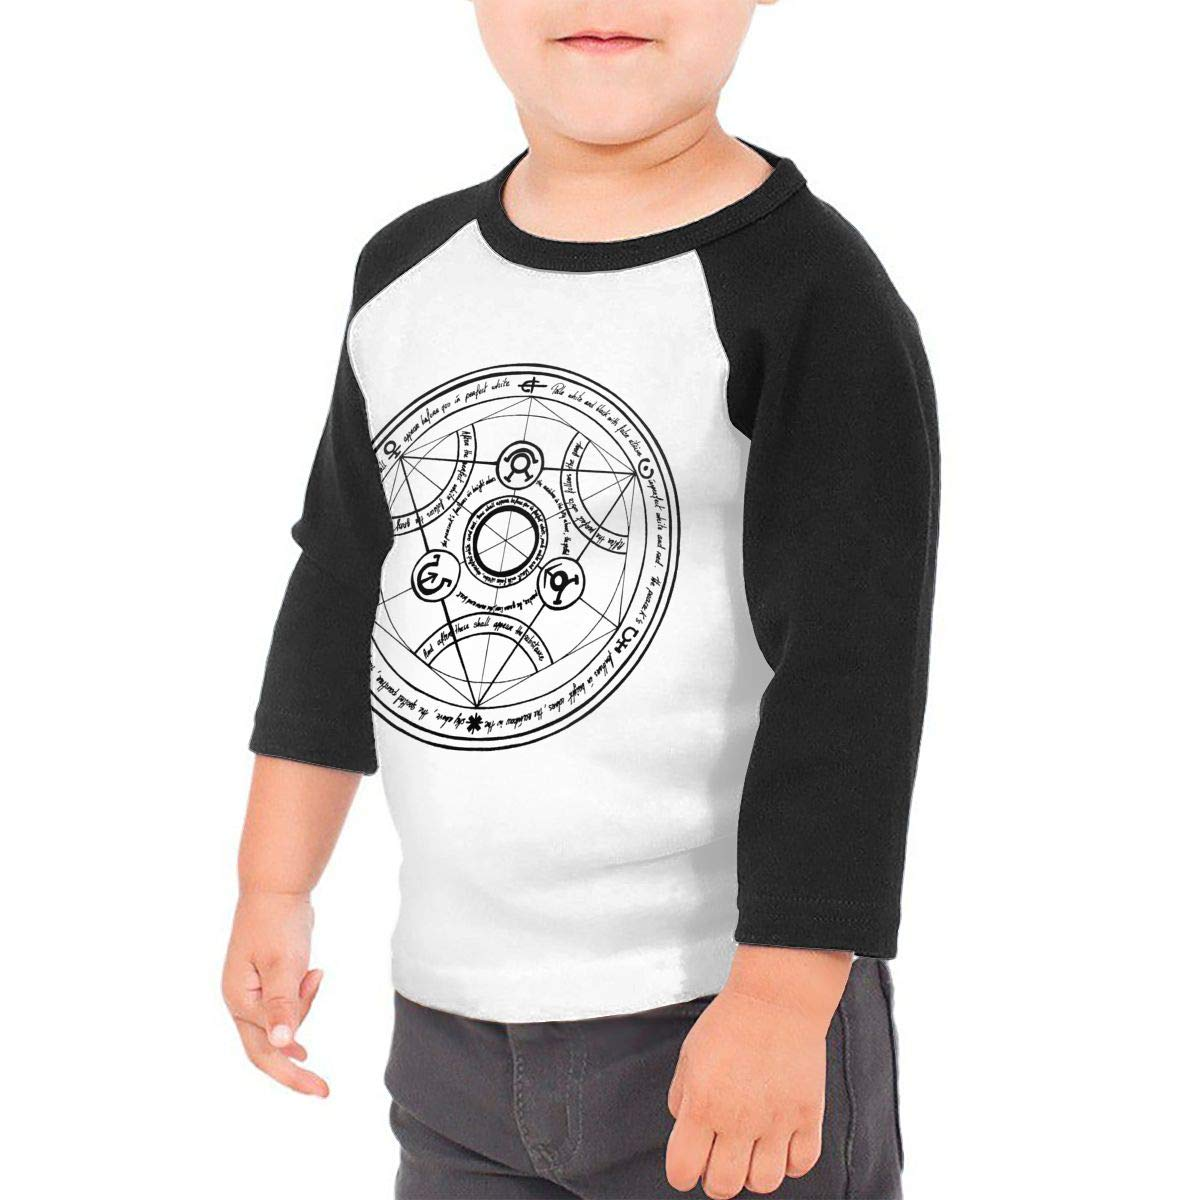 Yimo Ten Zetsu Ren Hatsu Unisex Toddler Baseball Jersey Contrast 3//4 Sleeves Tee